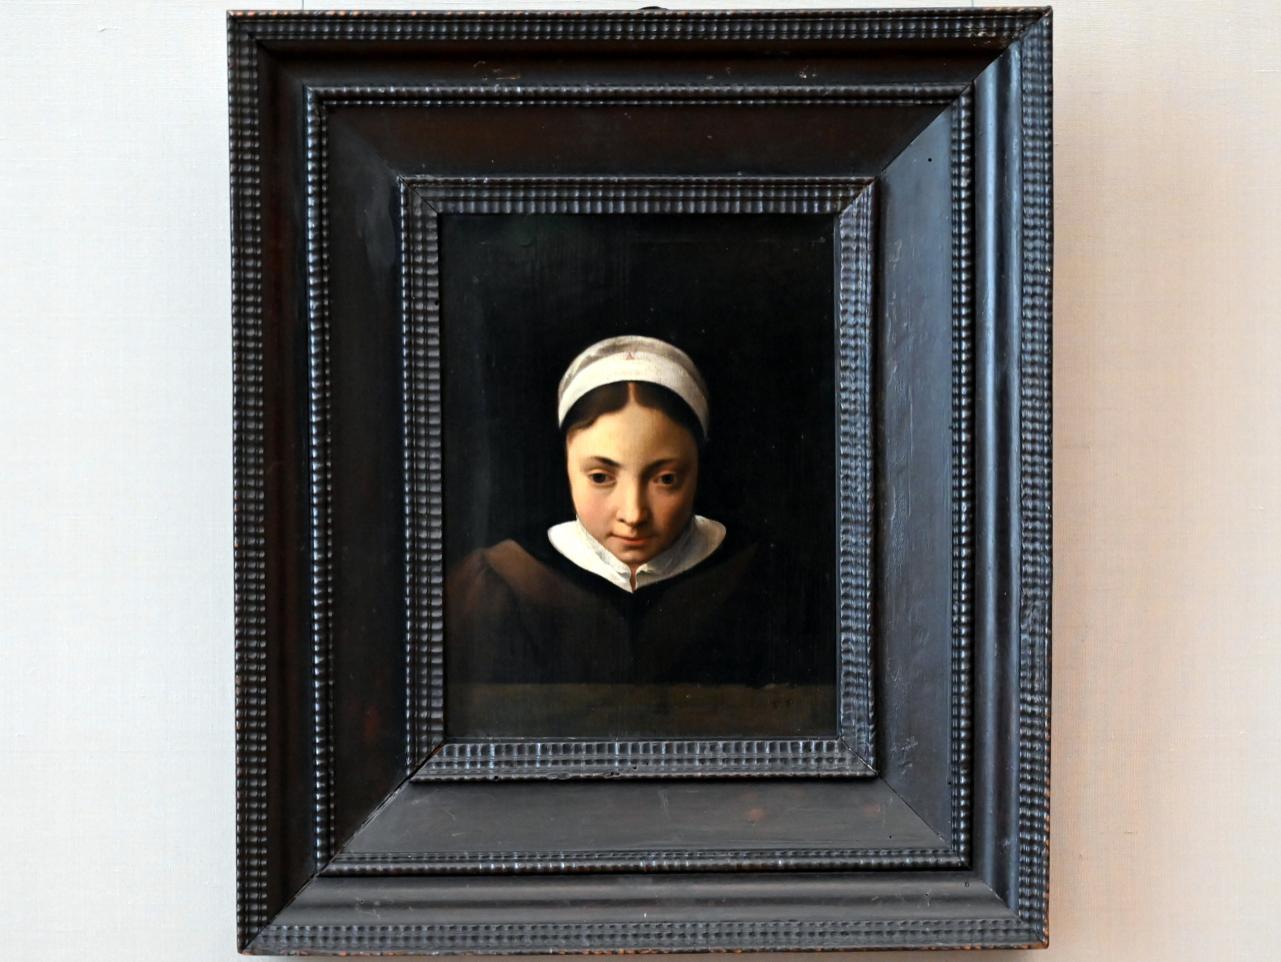 Cornelis van Poelenburgh: Brustbild eines jungen Mädchens, Undatiert